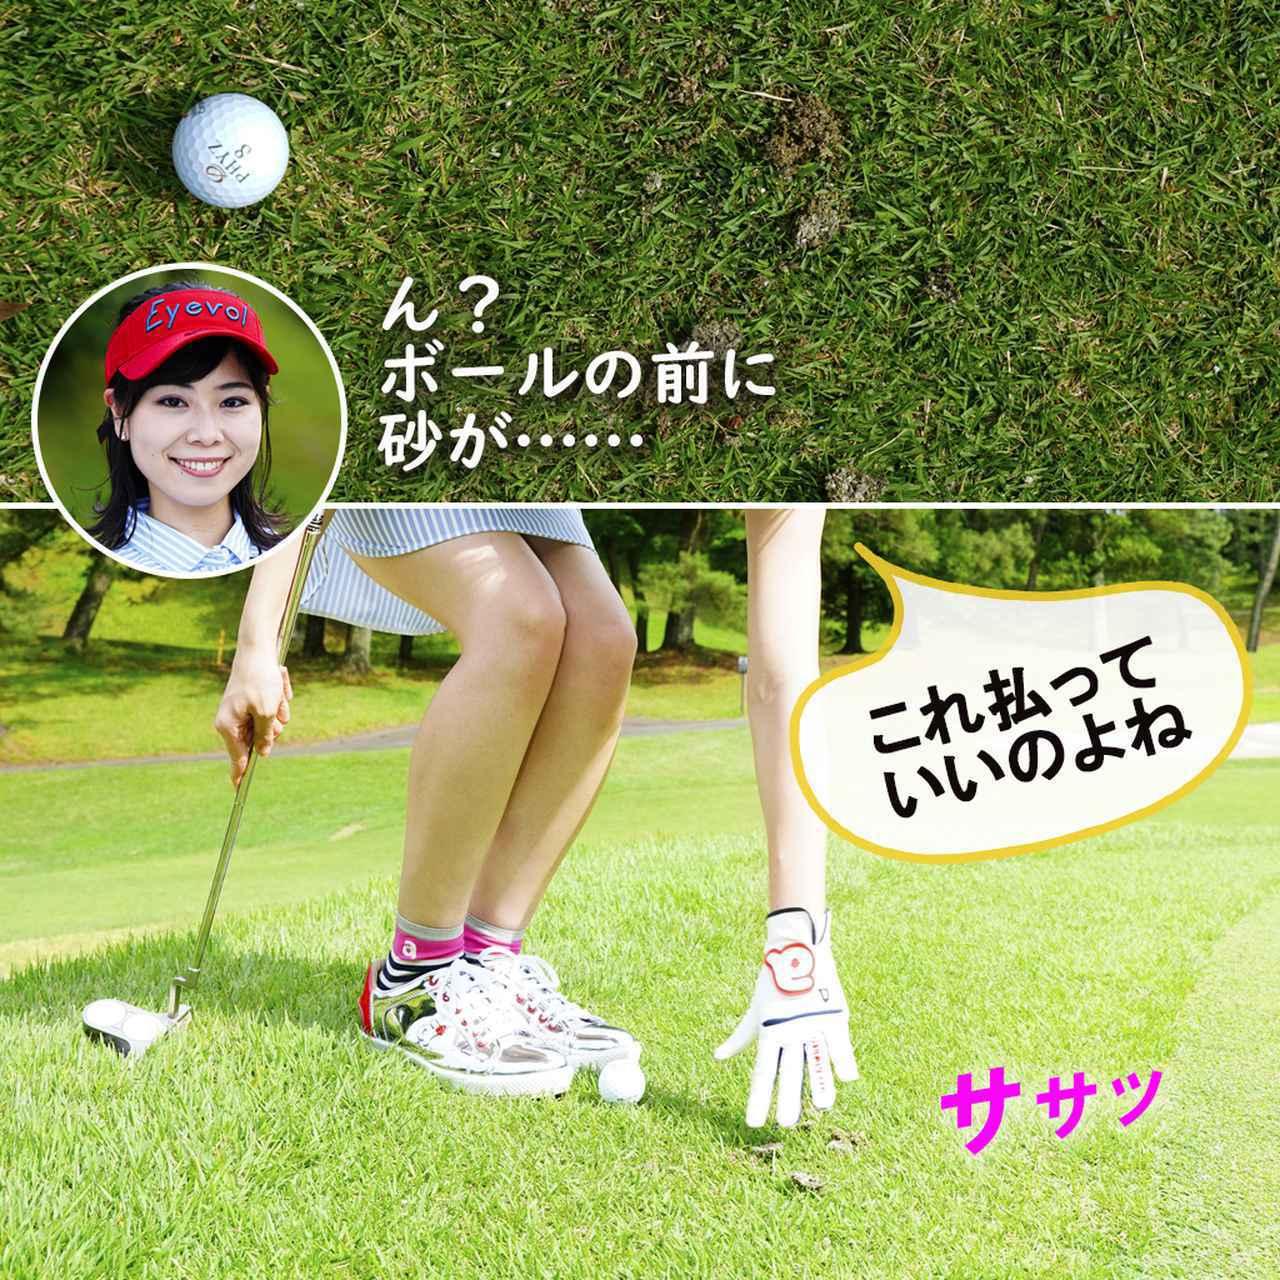 画像: 【新ルール】カラーの邪魔な砂を払いたい! これって罰あり? なし? - ゴルフへ行こうWEB by ゴルフダイジェスト